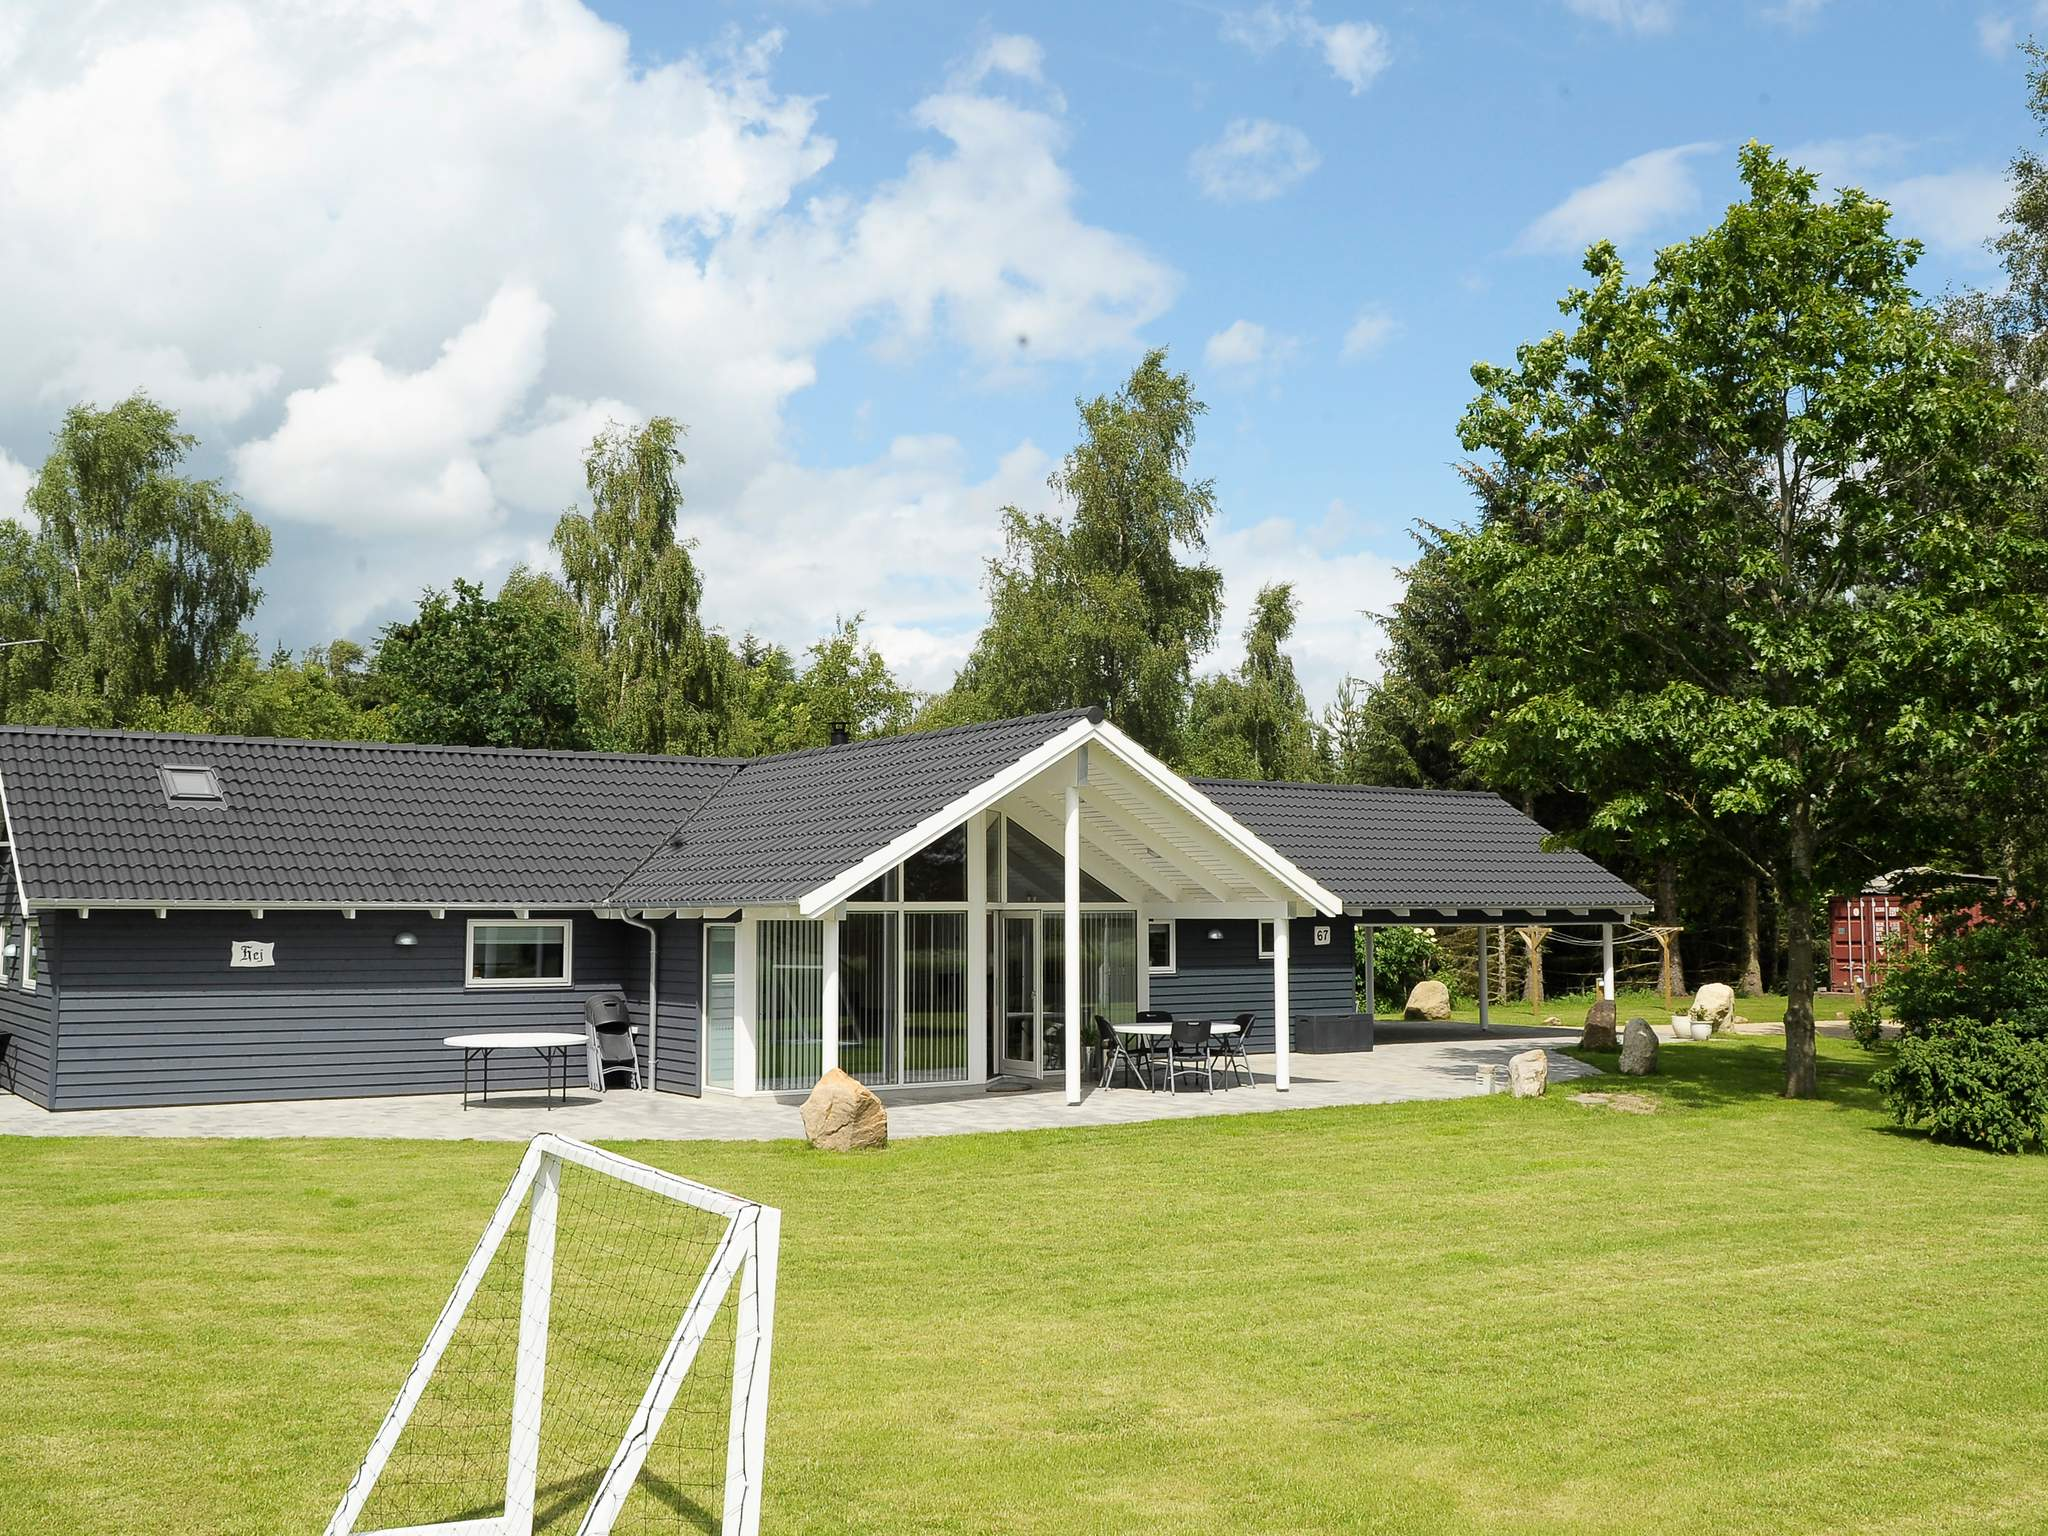 Ferienhaus Silkeborg (490433), Silkeborg, , Ostjütland, Dänemark, Bild 12